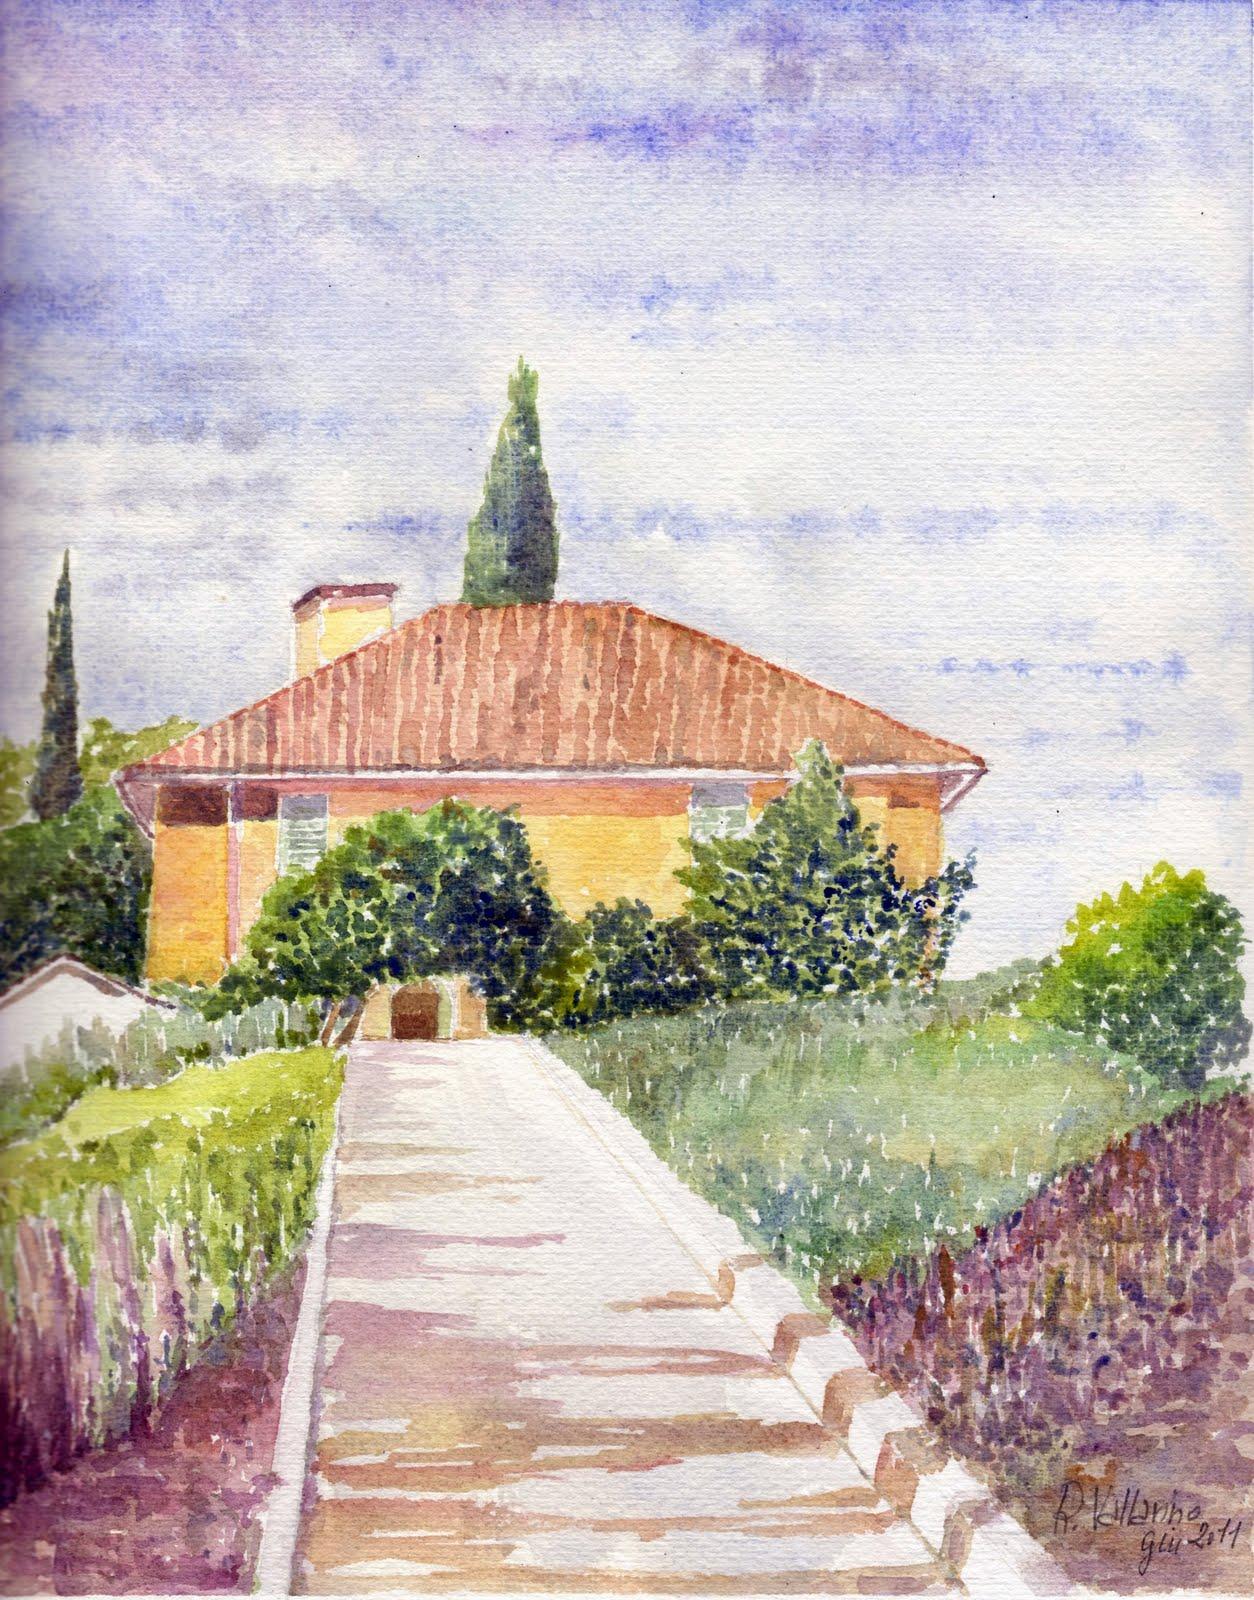 acquerelli di Roberto Vallarino Paesaggi toscani